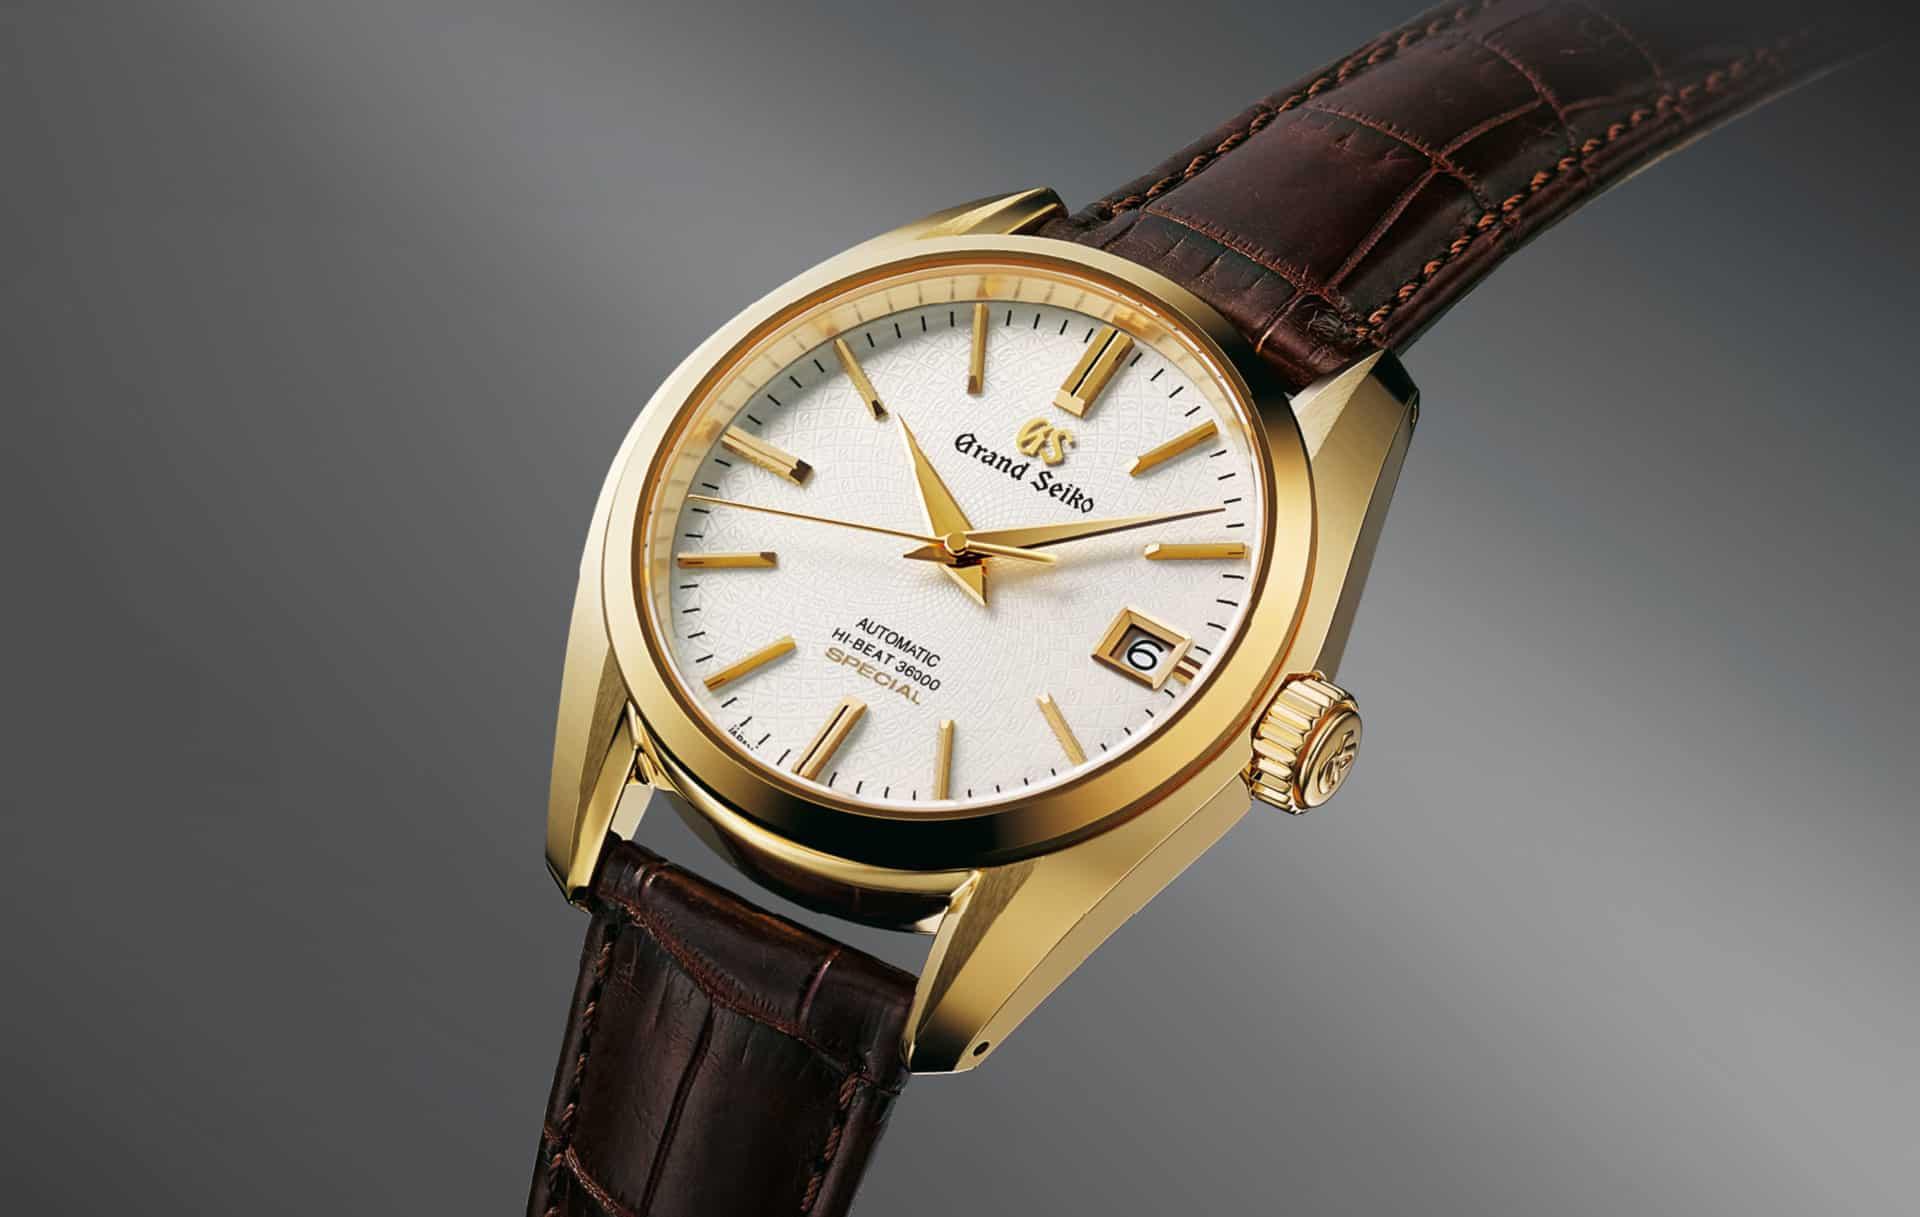 Uhren im Retro-Look von Junghans, Longines, Omega, Patek Philippe, Oris, Seiko, Tudor und TAG HeuerViva la Vintage – so schön können Retro-Uhren sein!